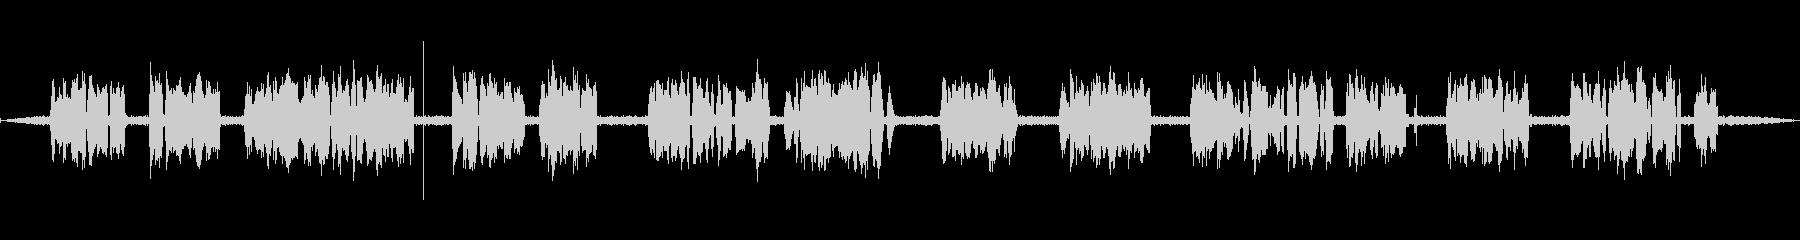 コミュニケーターの未再生の波形